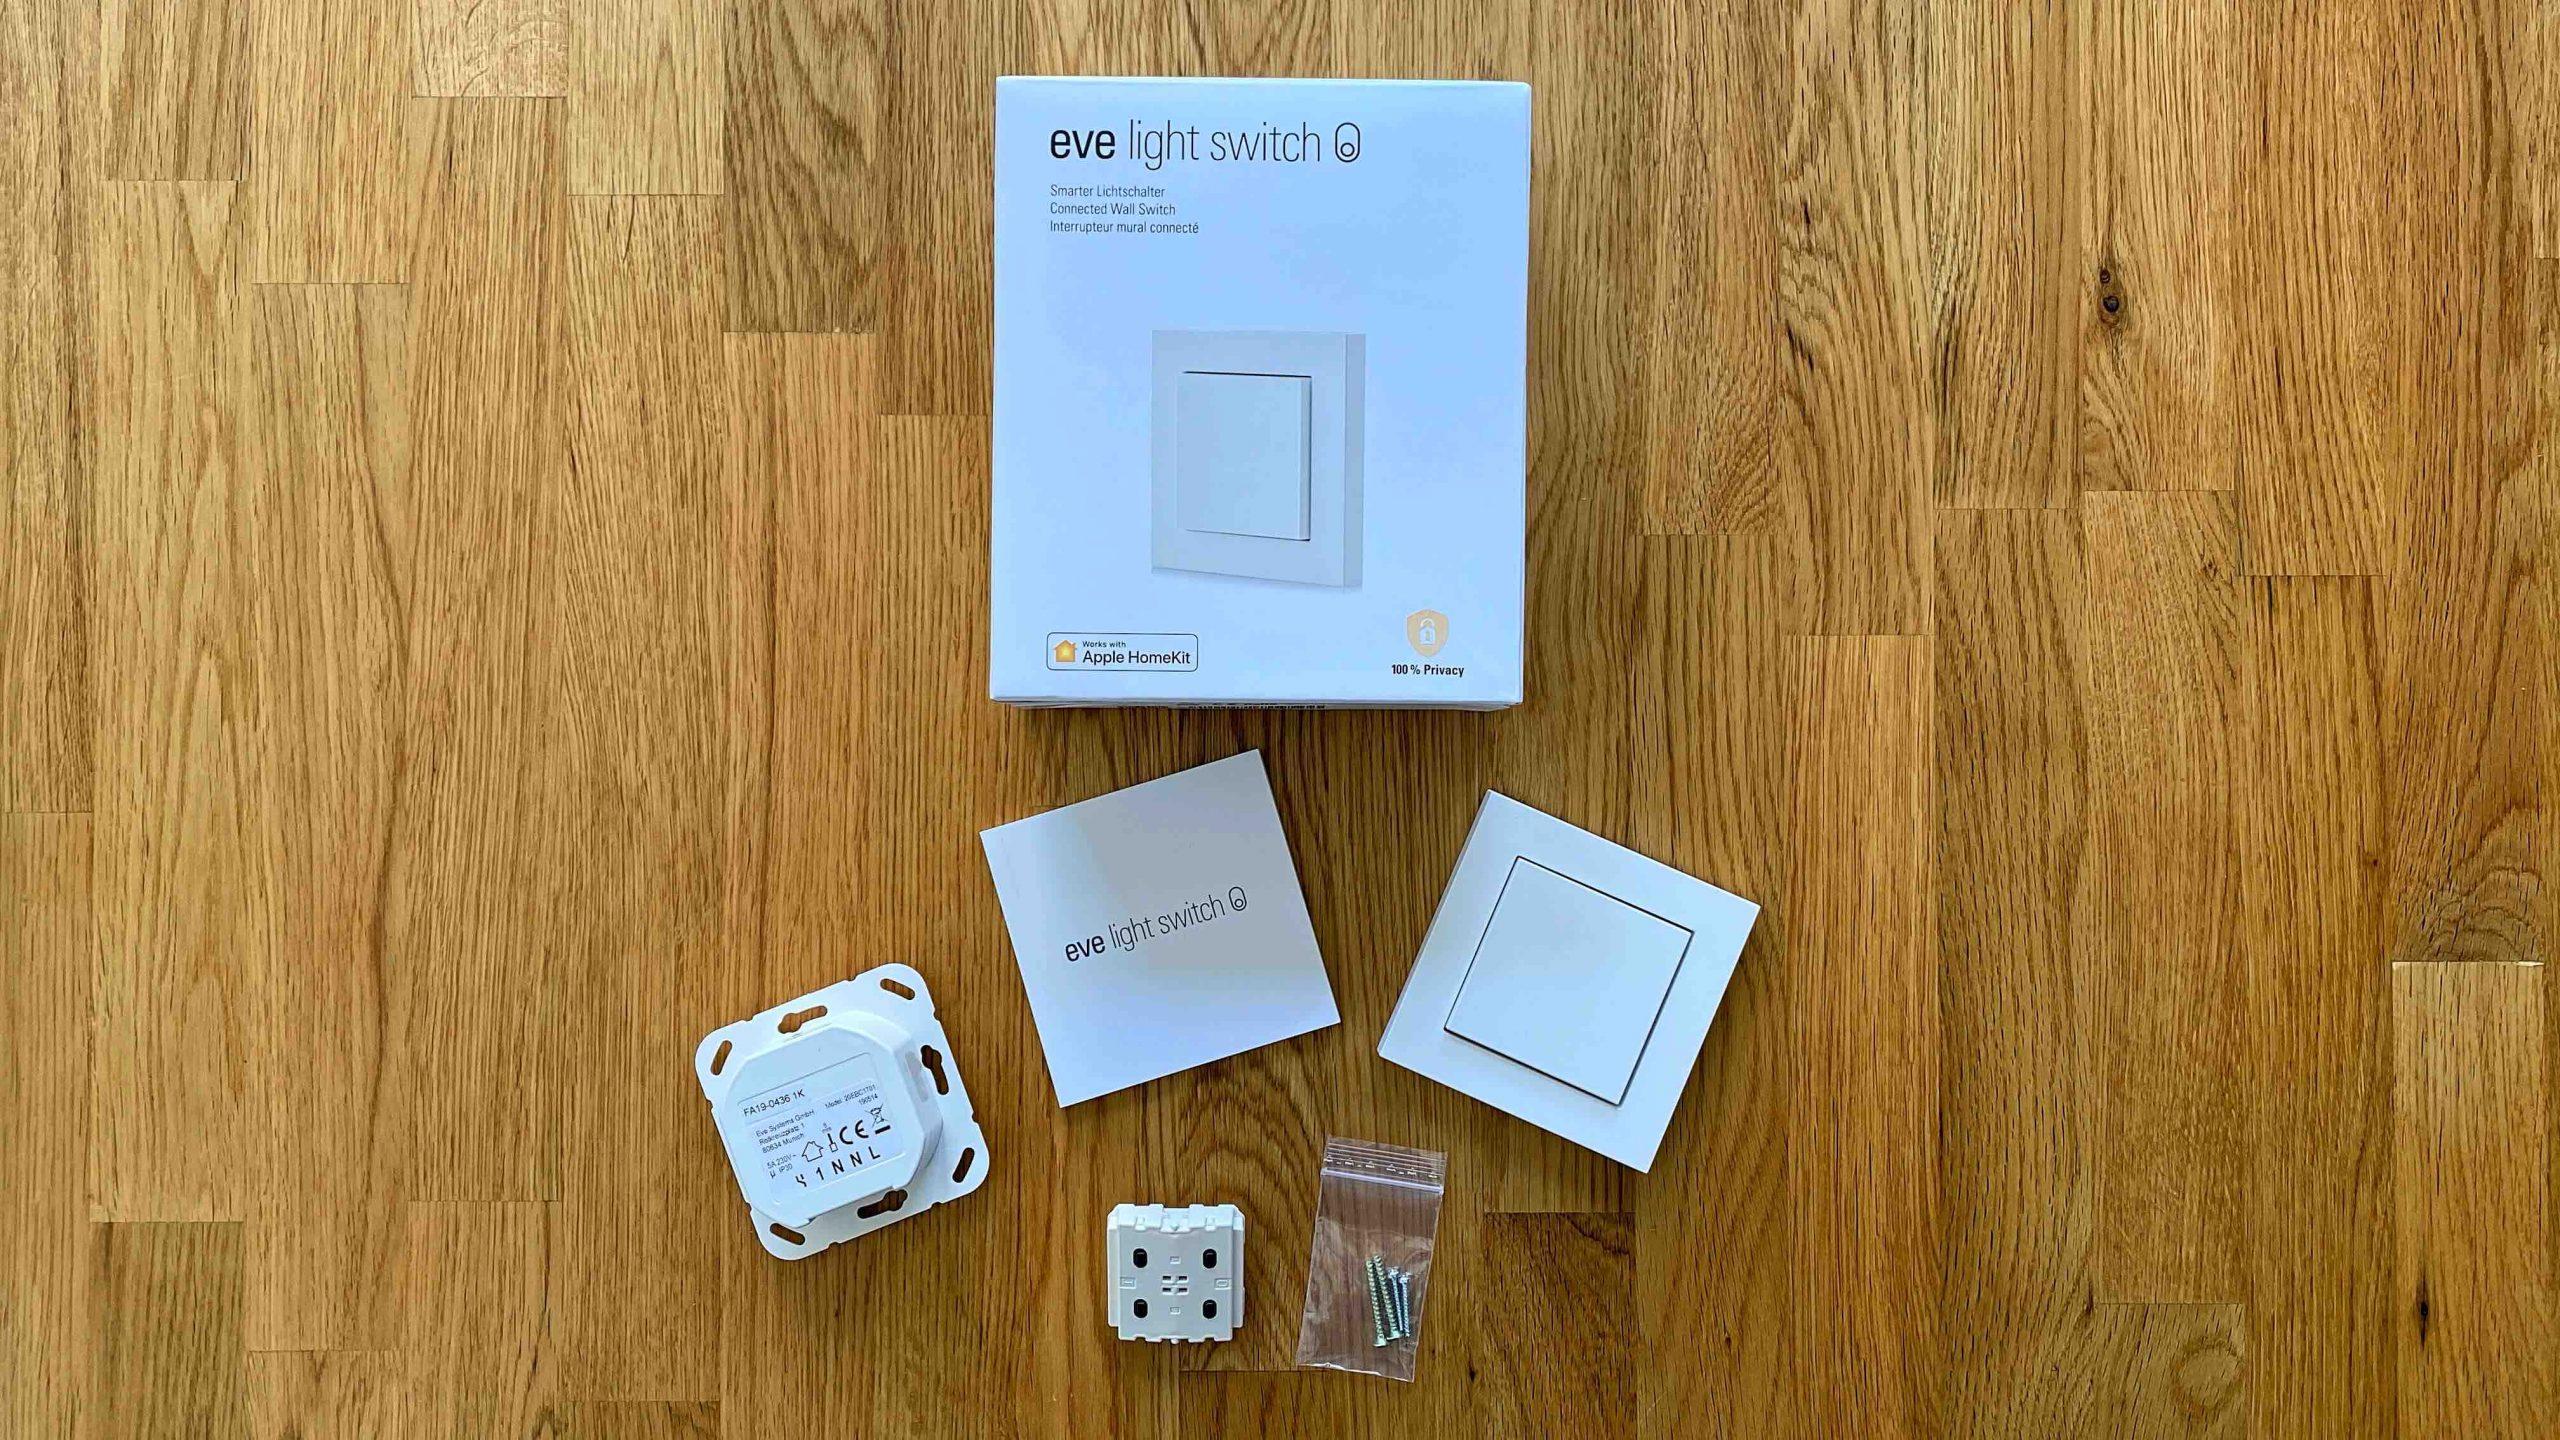 Eve_Light_Swtich_Apple_HomeKit_SmartHome_Schalter3-scaled Eve Light Switch - der ideale Lichtschalter im Apple HomeKit Zuhause